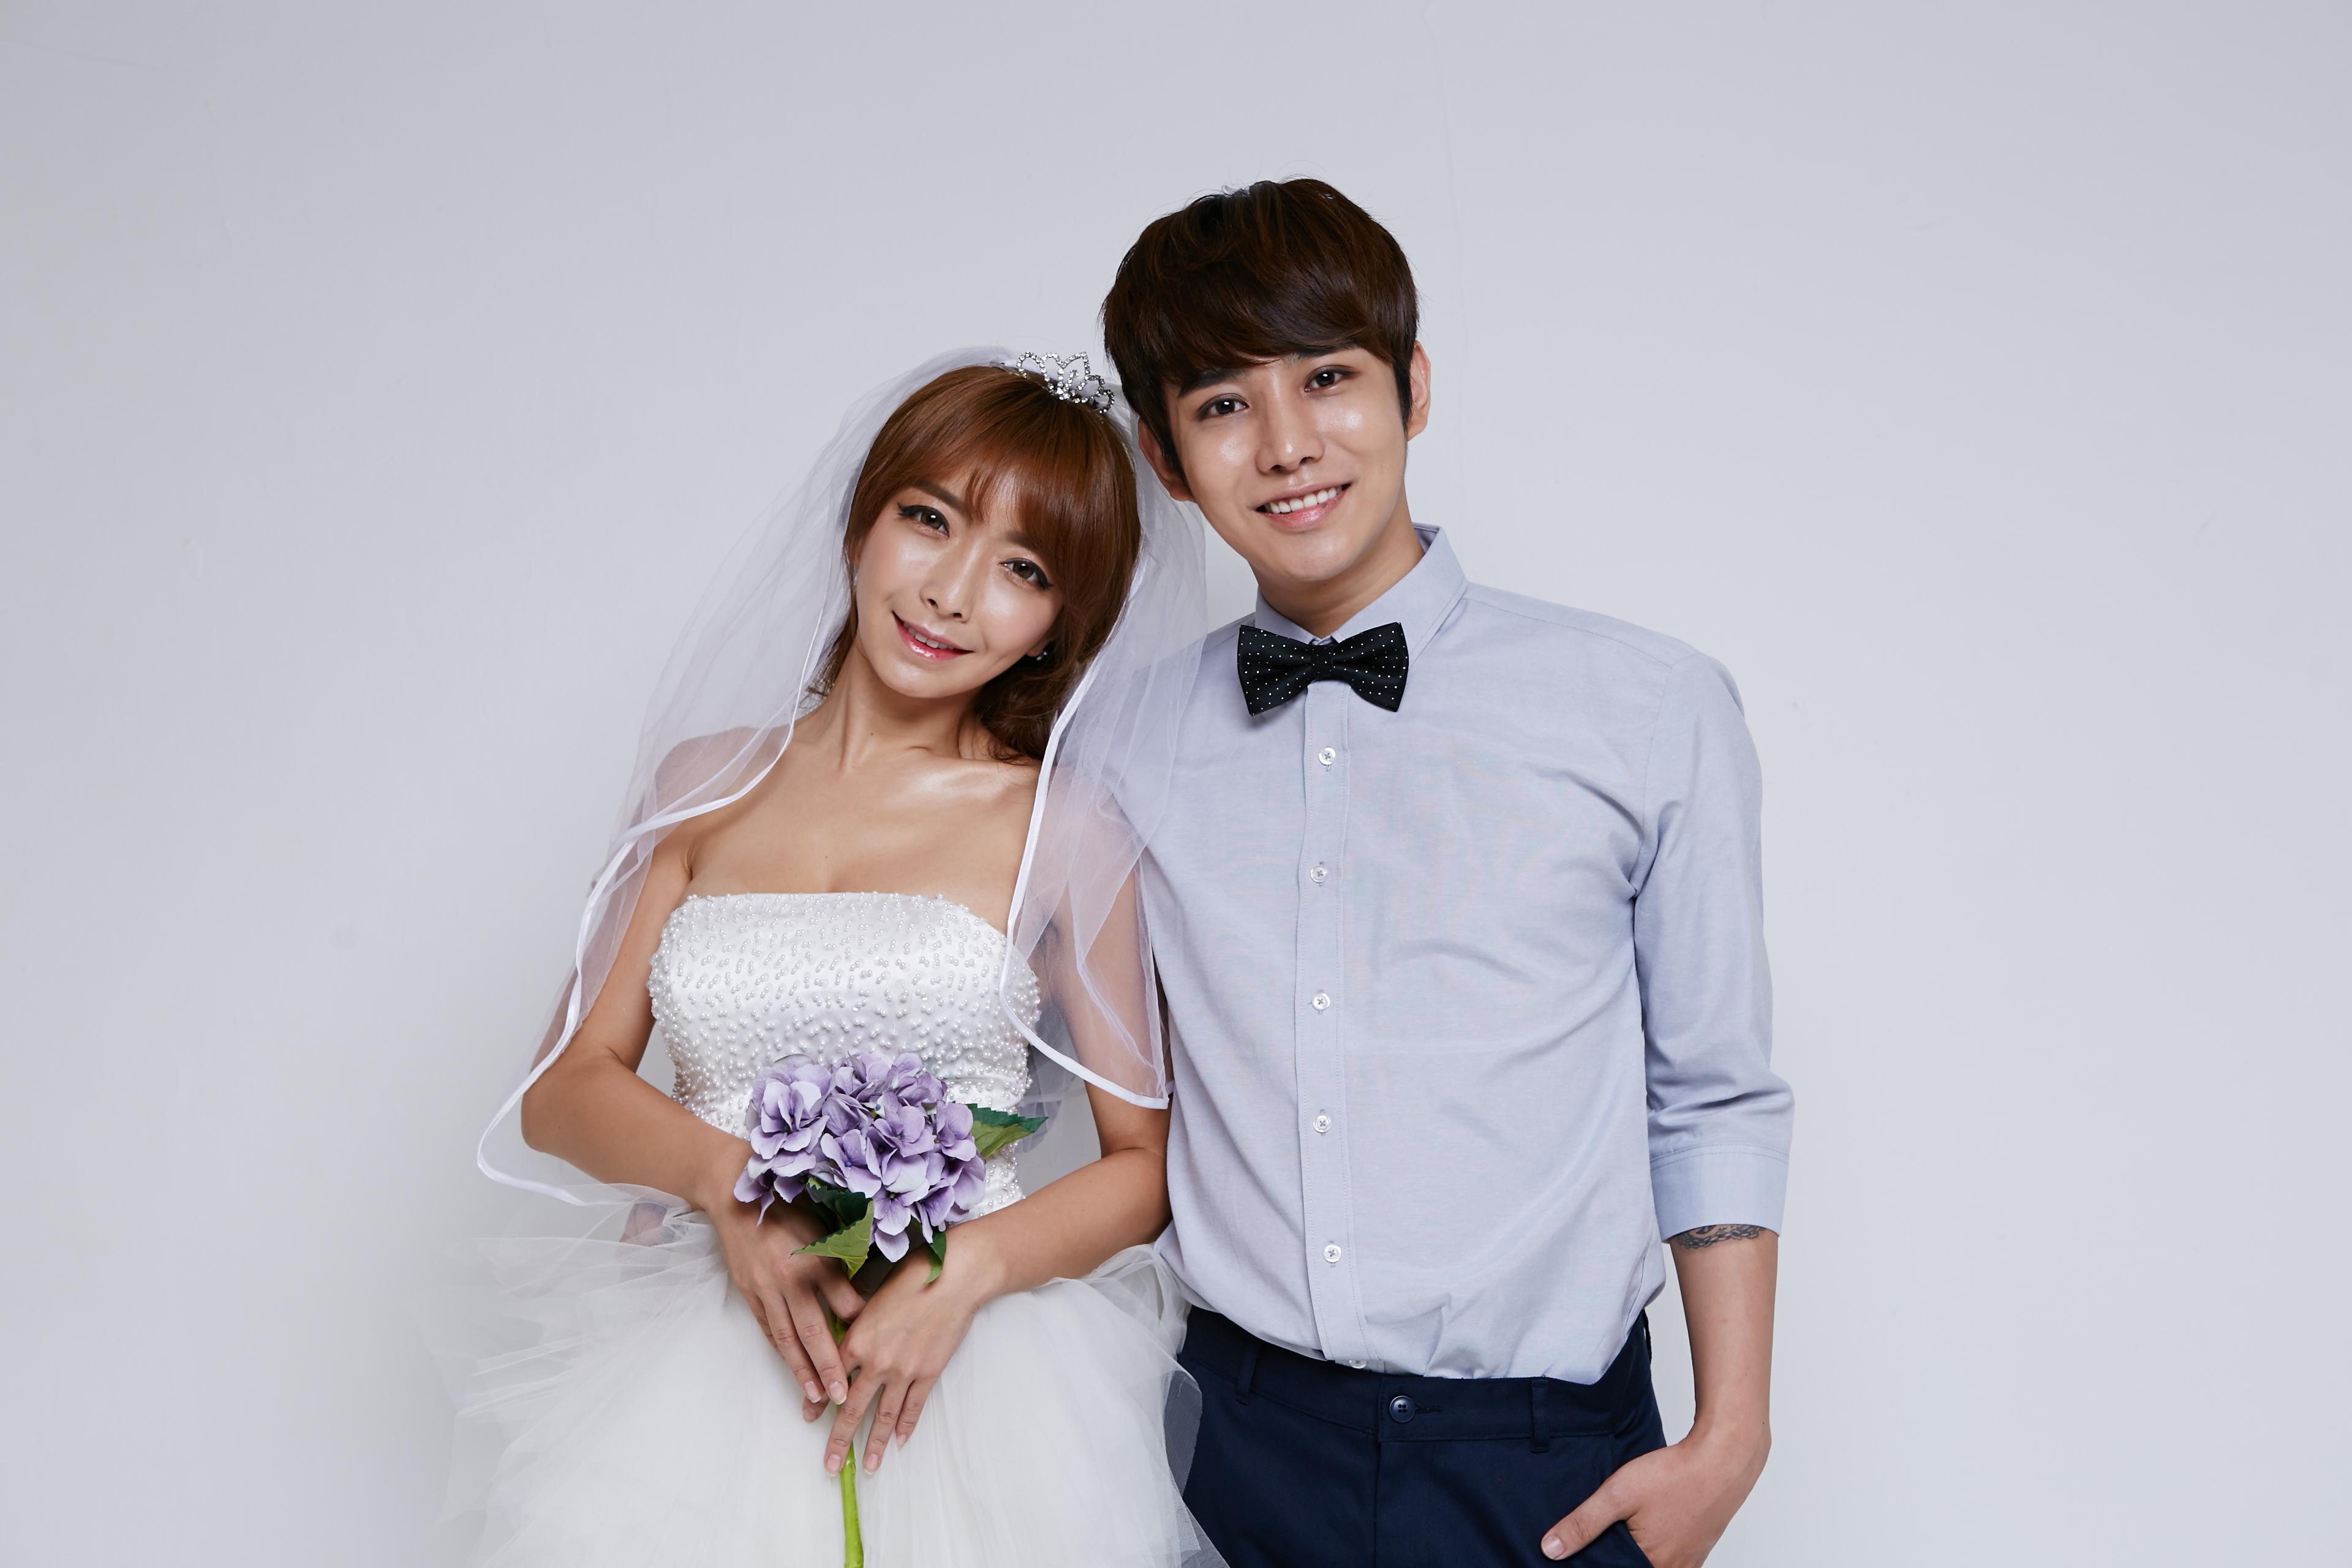 3월 결혼시즌, 보톡스·필러 '웨딩 선물'로 각광